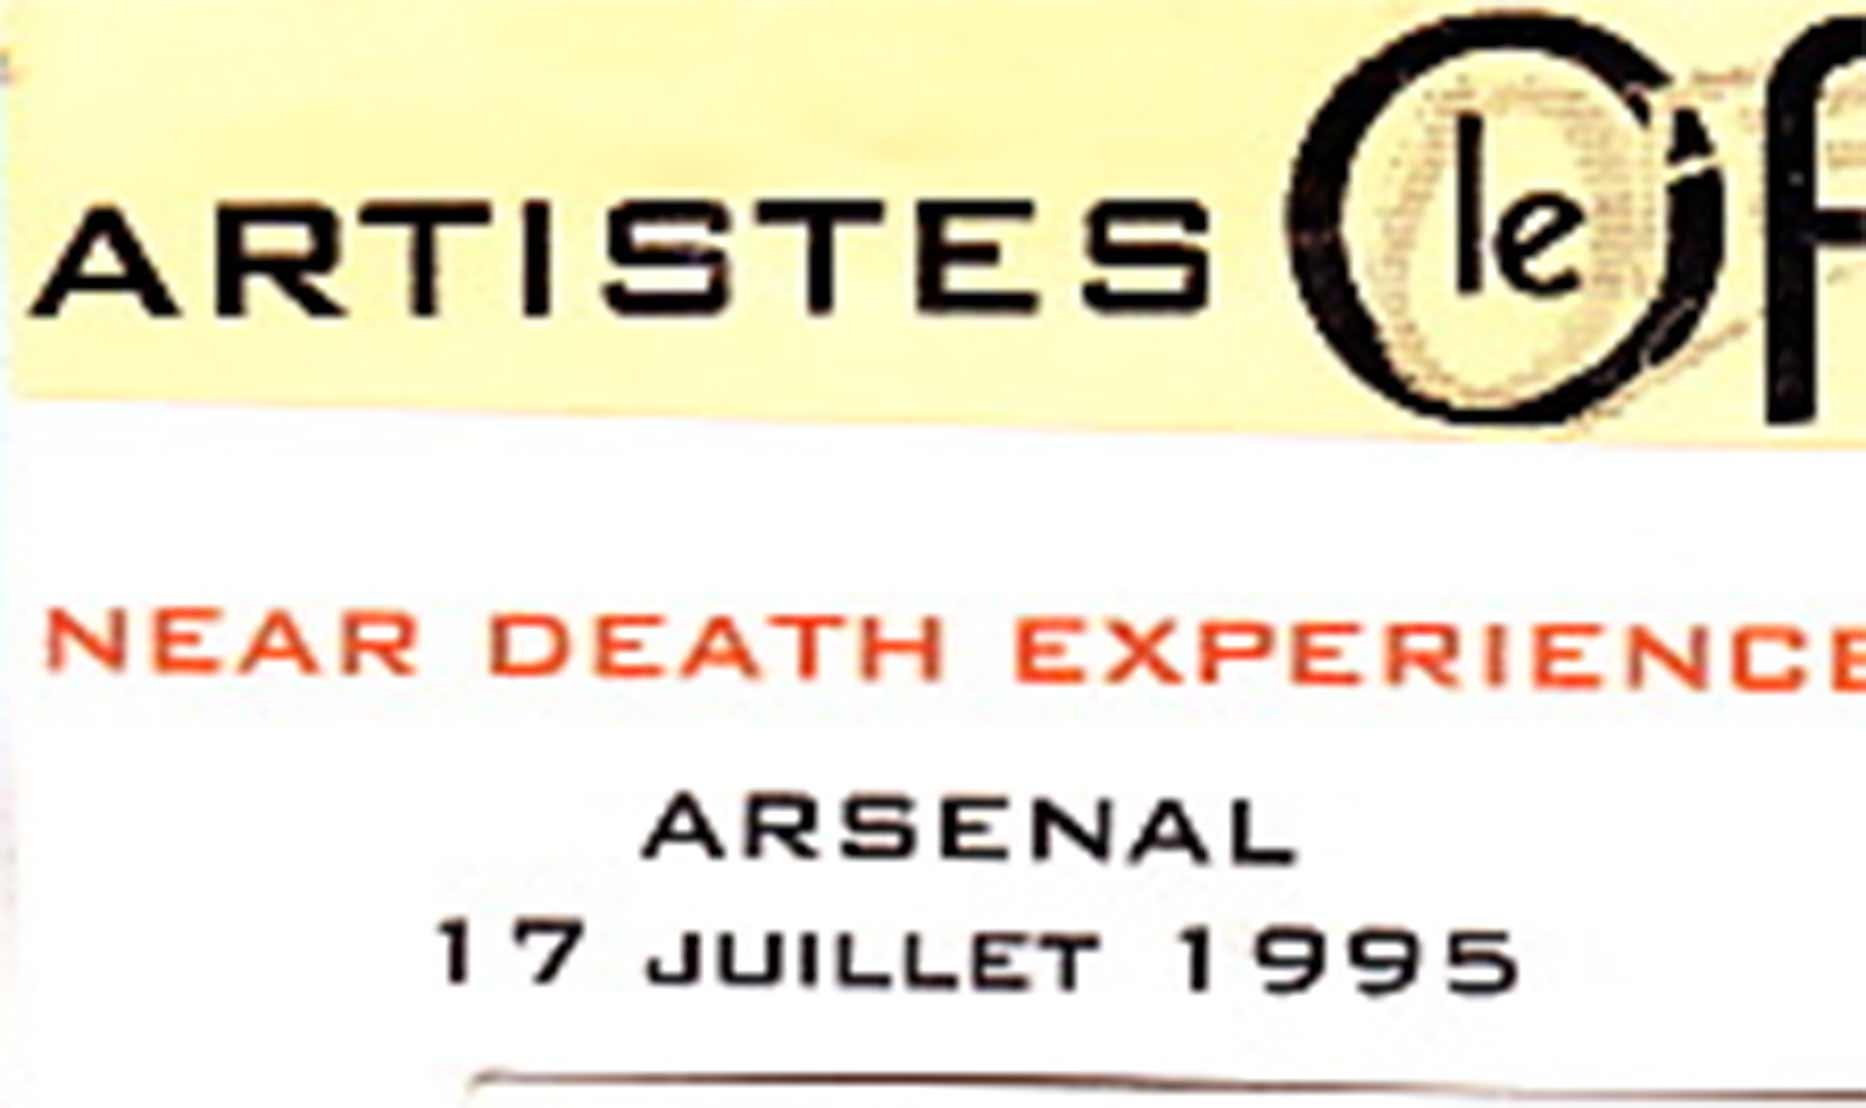 """17 juillet 1995 Near Death Experience à La Rochelle """"Arsenal"""""""